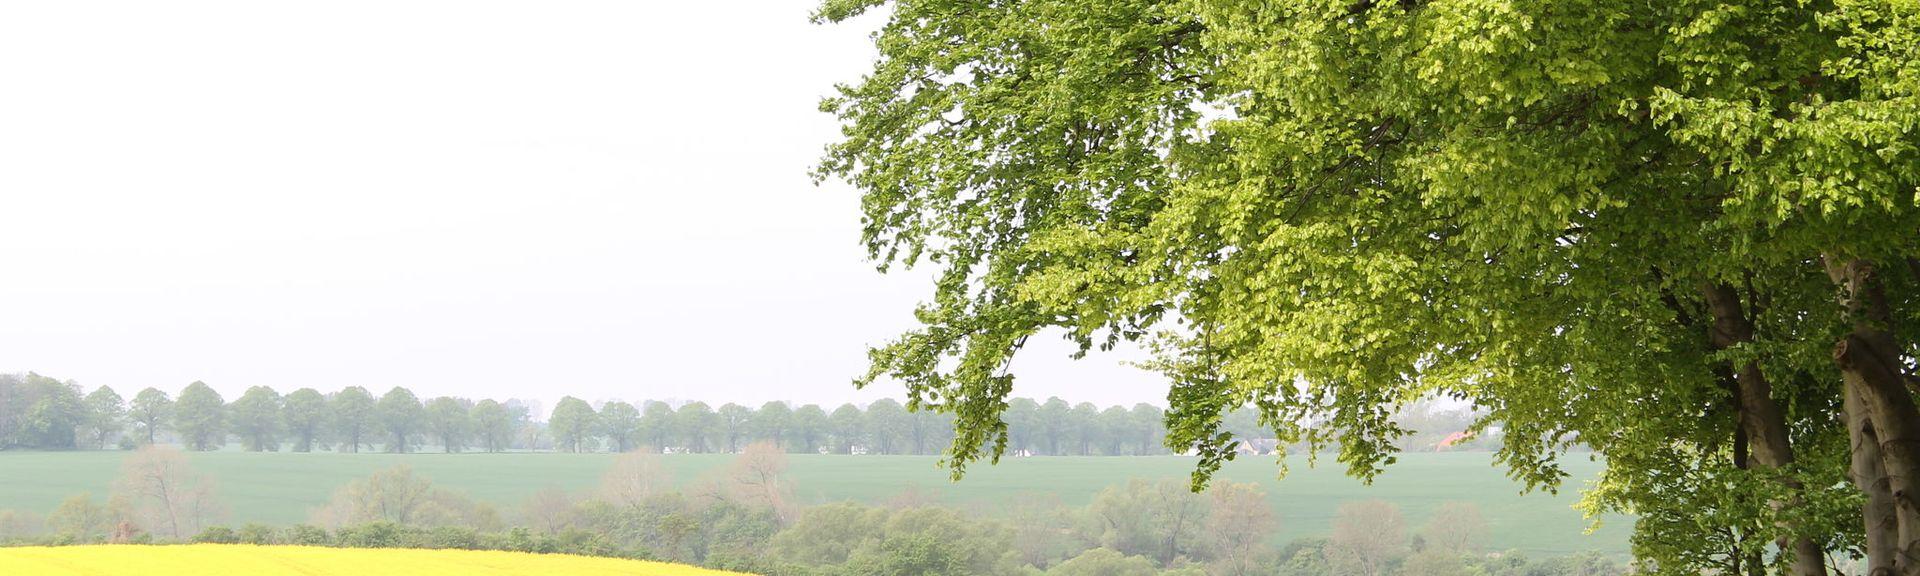 J端rgenshagen, Mecklembourg-Poméranie-Occidentale, Allemagne